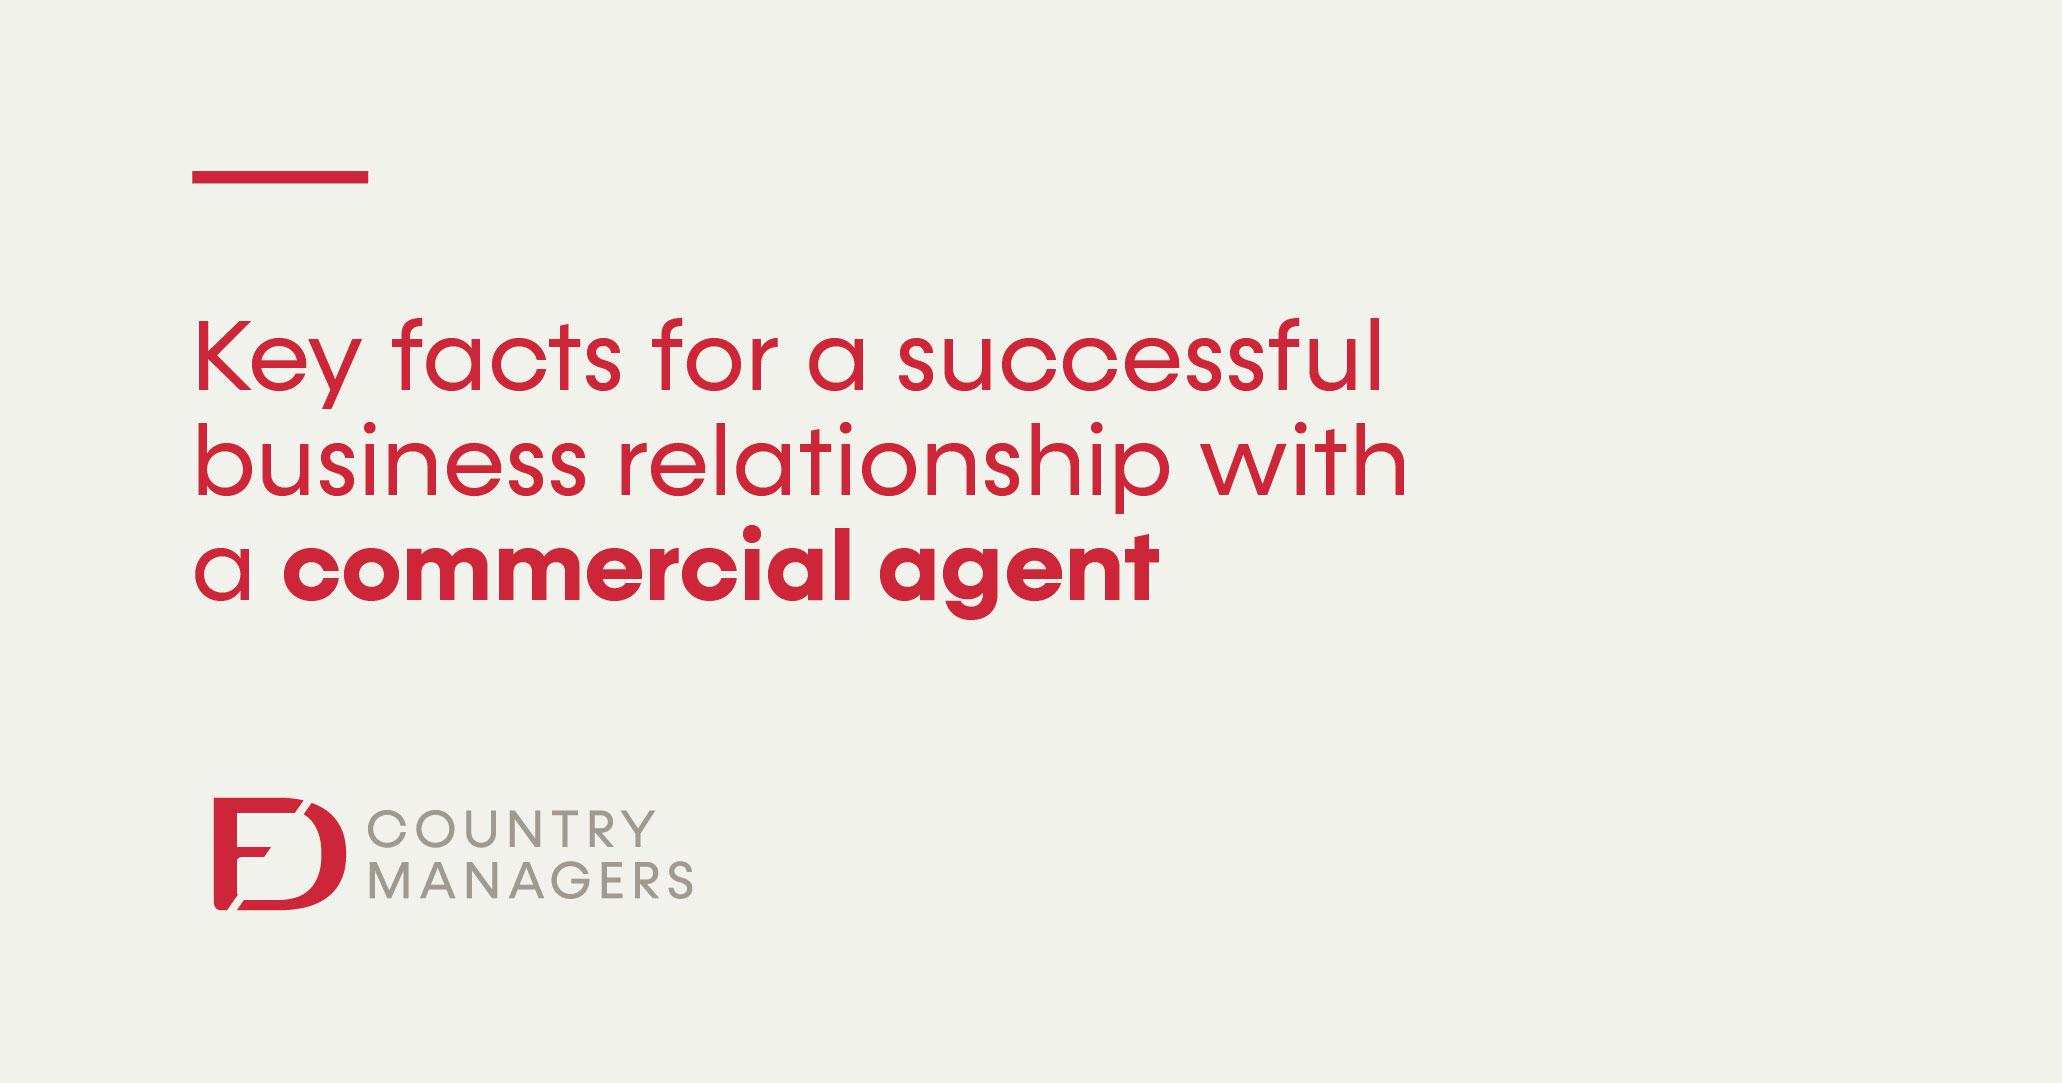 ¿Cómo tener una relación de éxito con un agente comercial?